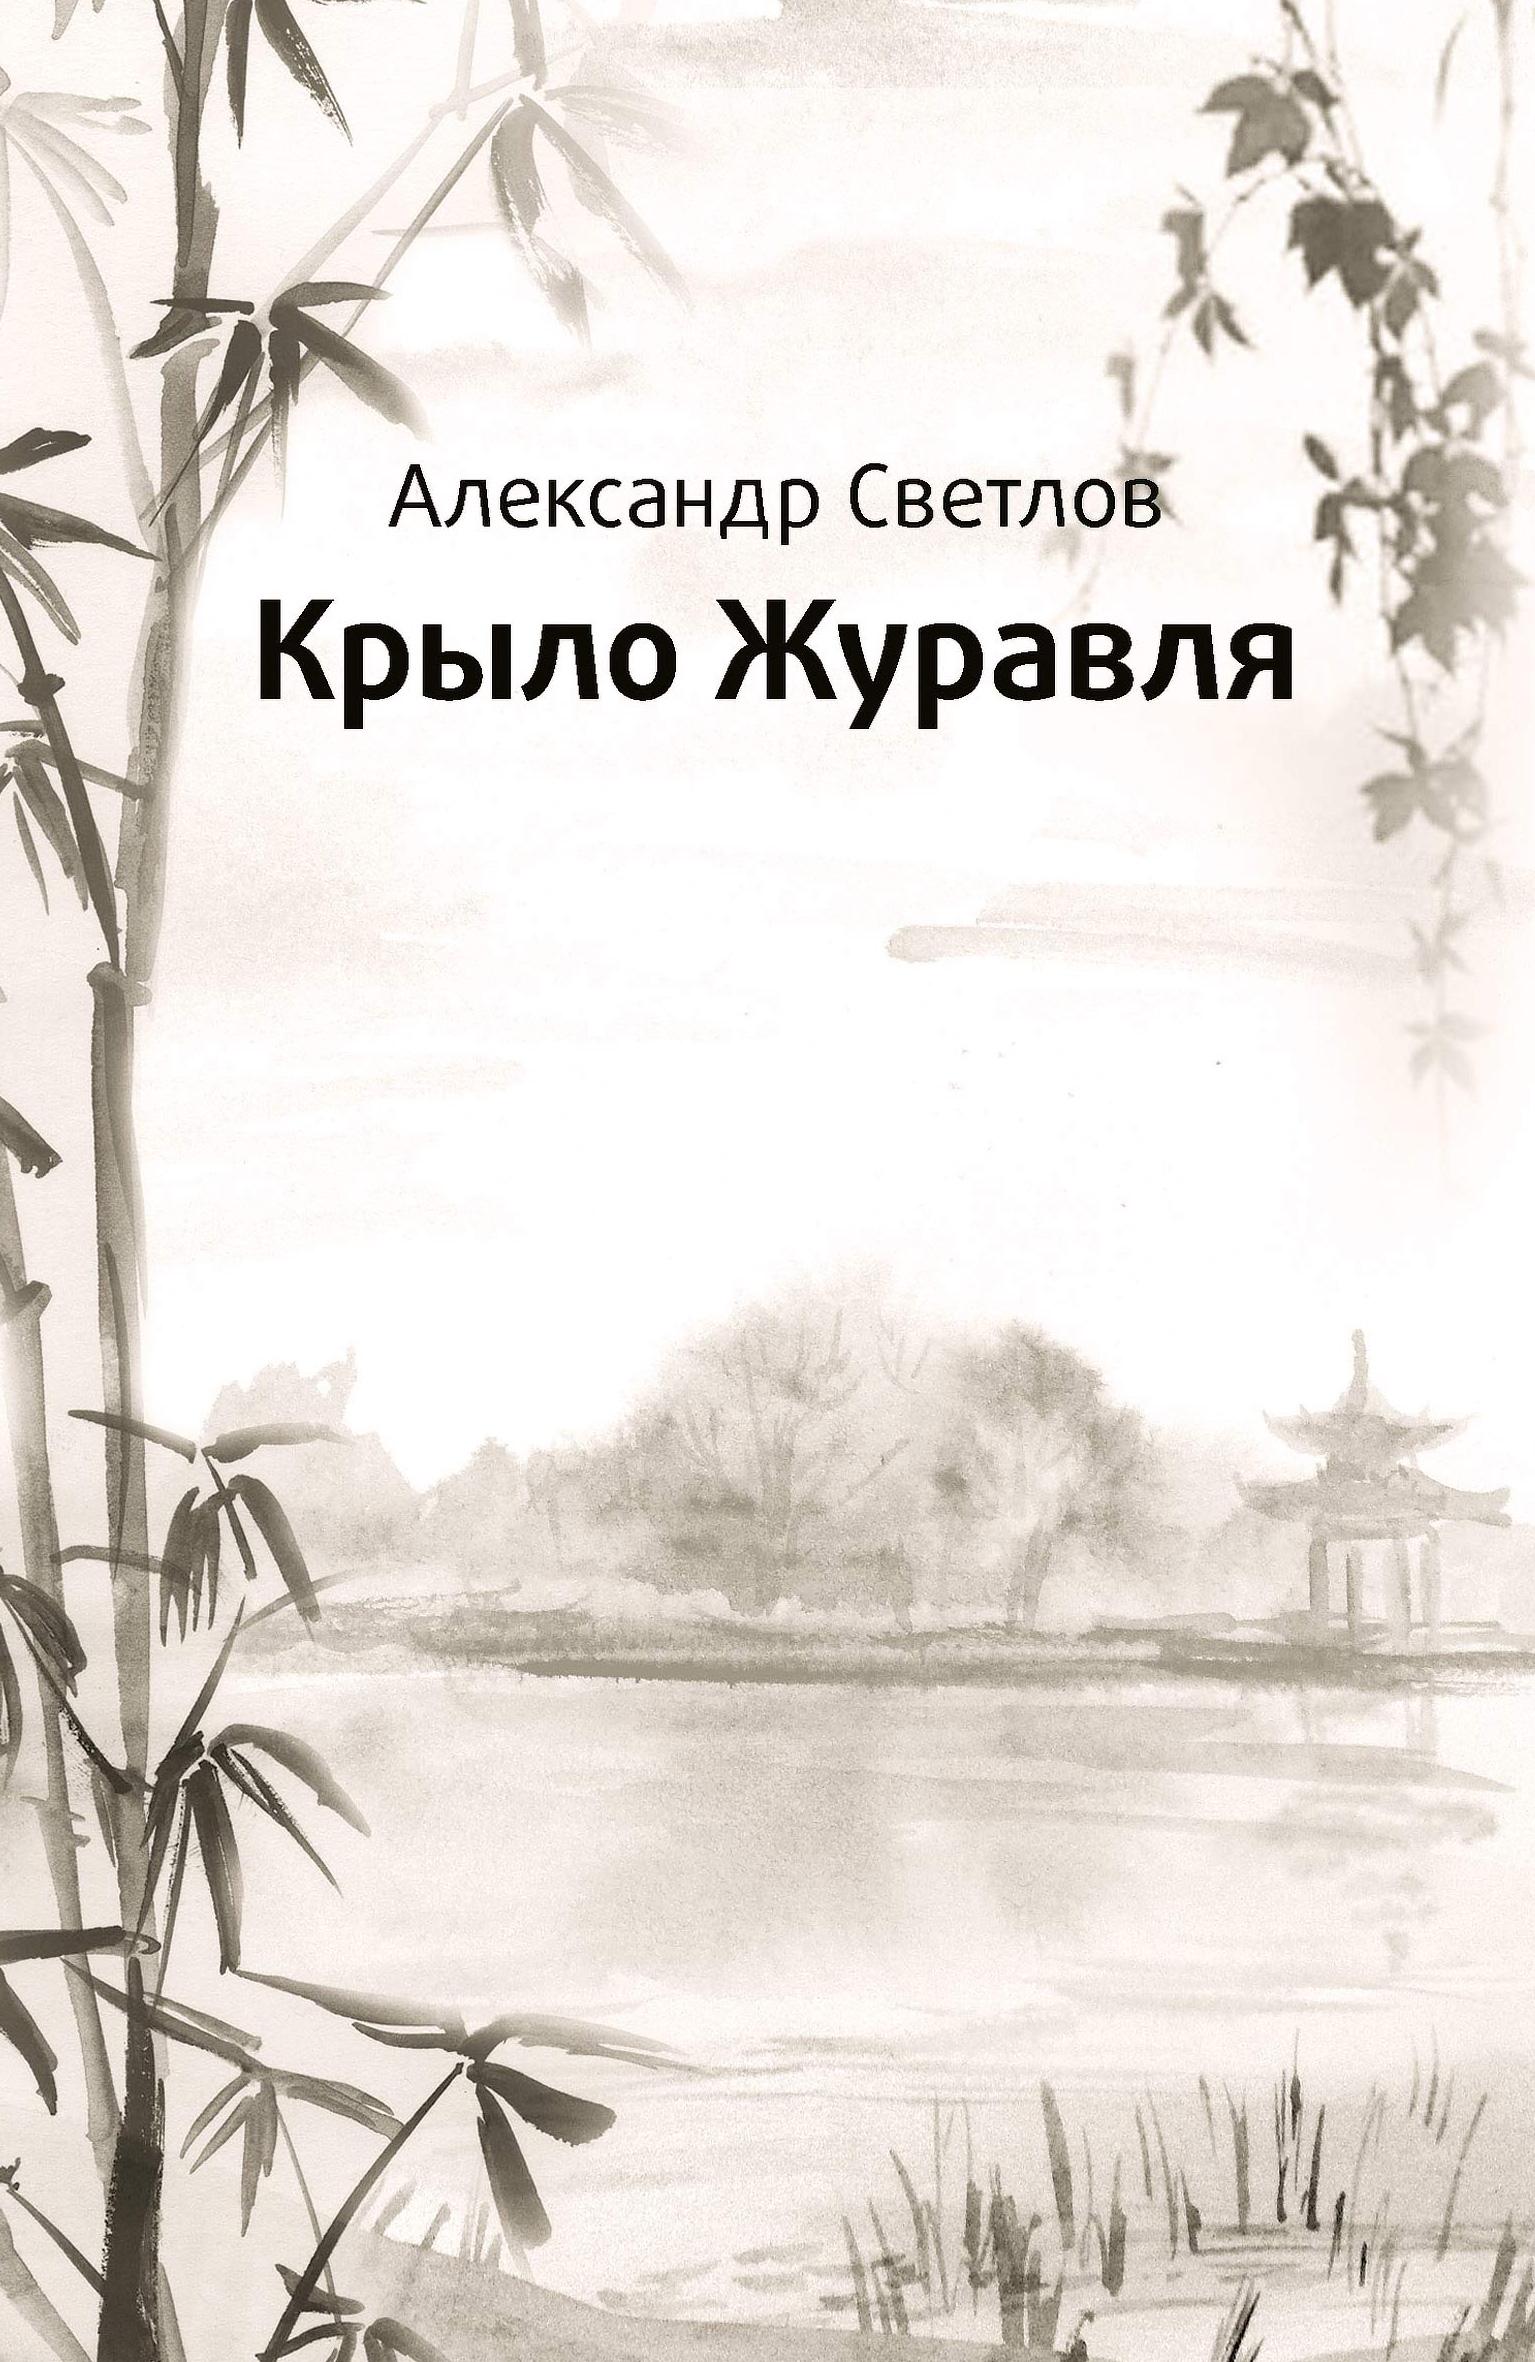 Фото - Александр Светлов Крыло журавля александр светлов крыло журавля